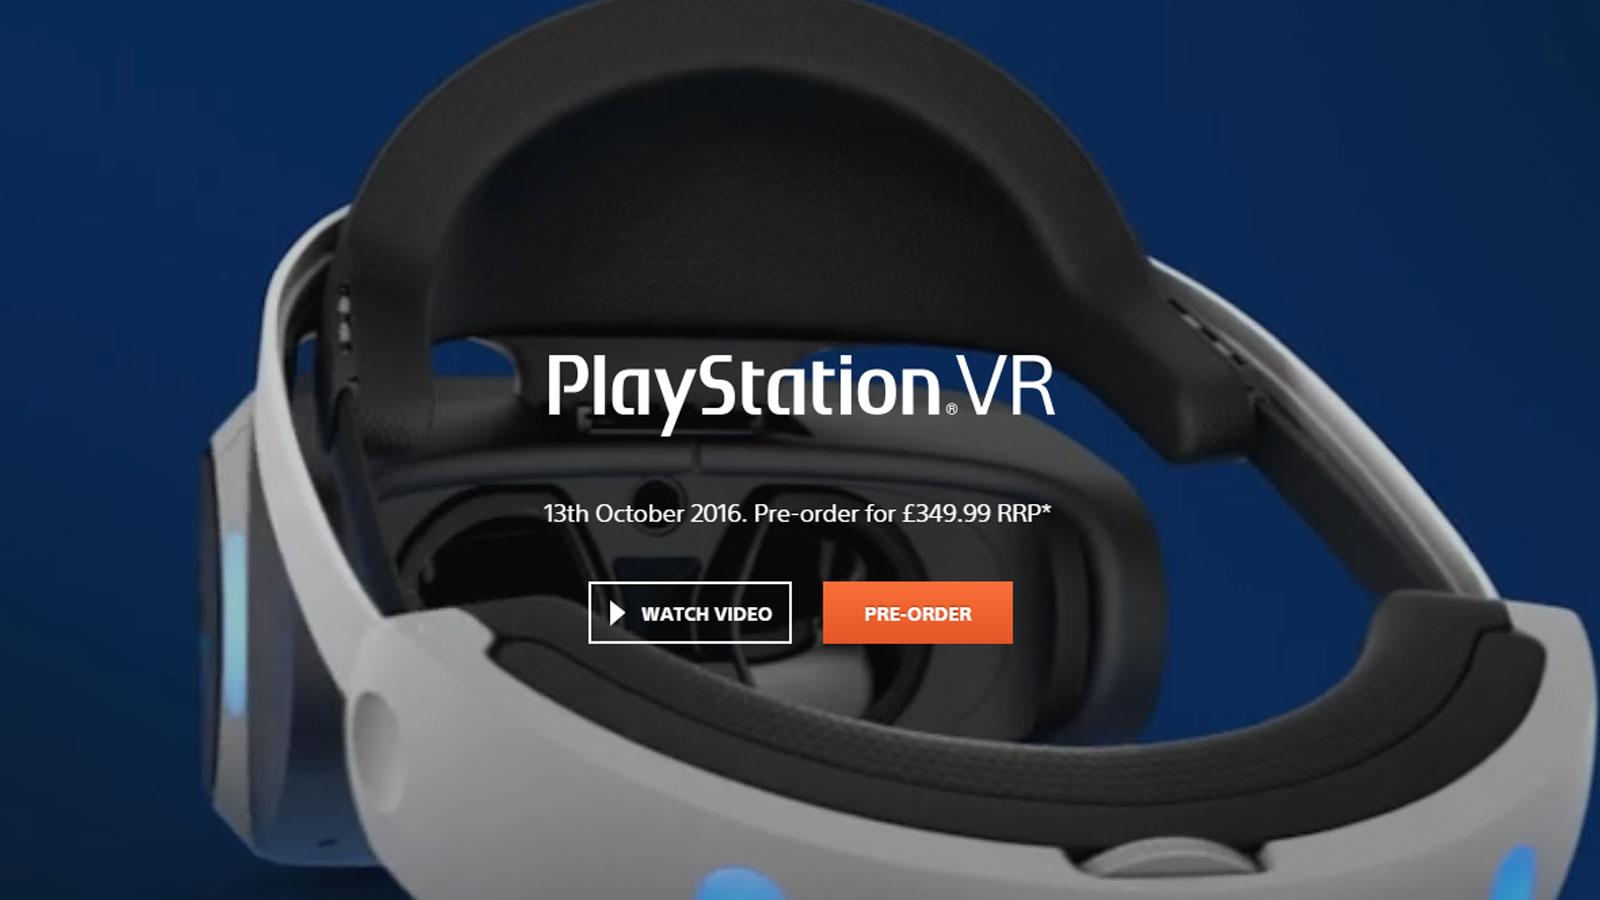 In fremde Welten eintauchen: Sony PlayStation VR ab 13. Oktober